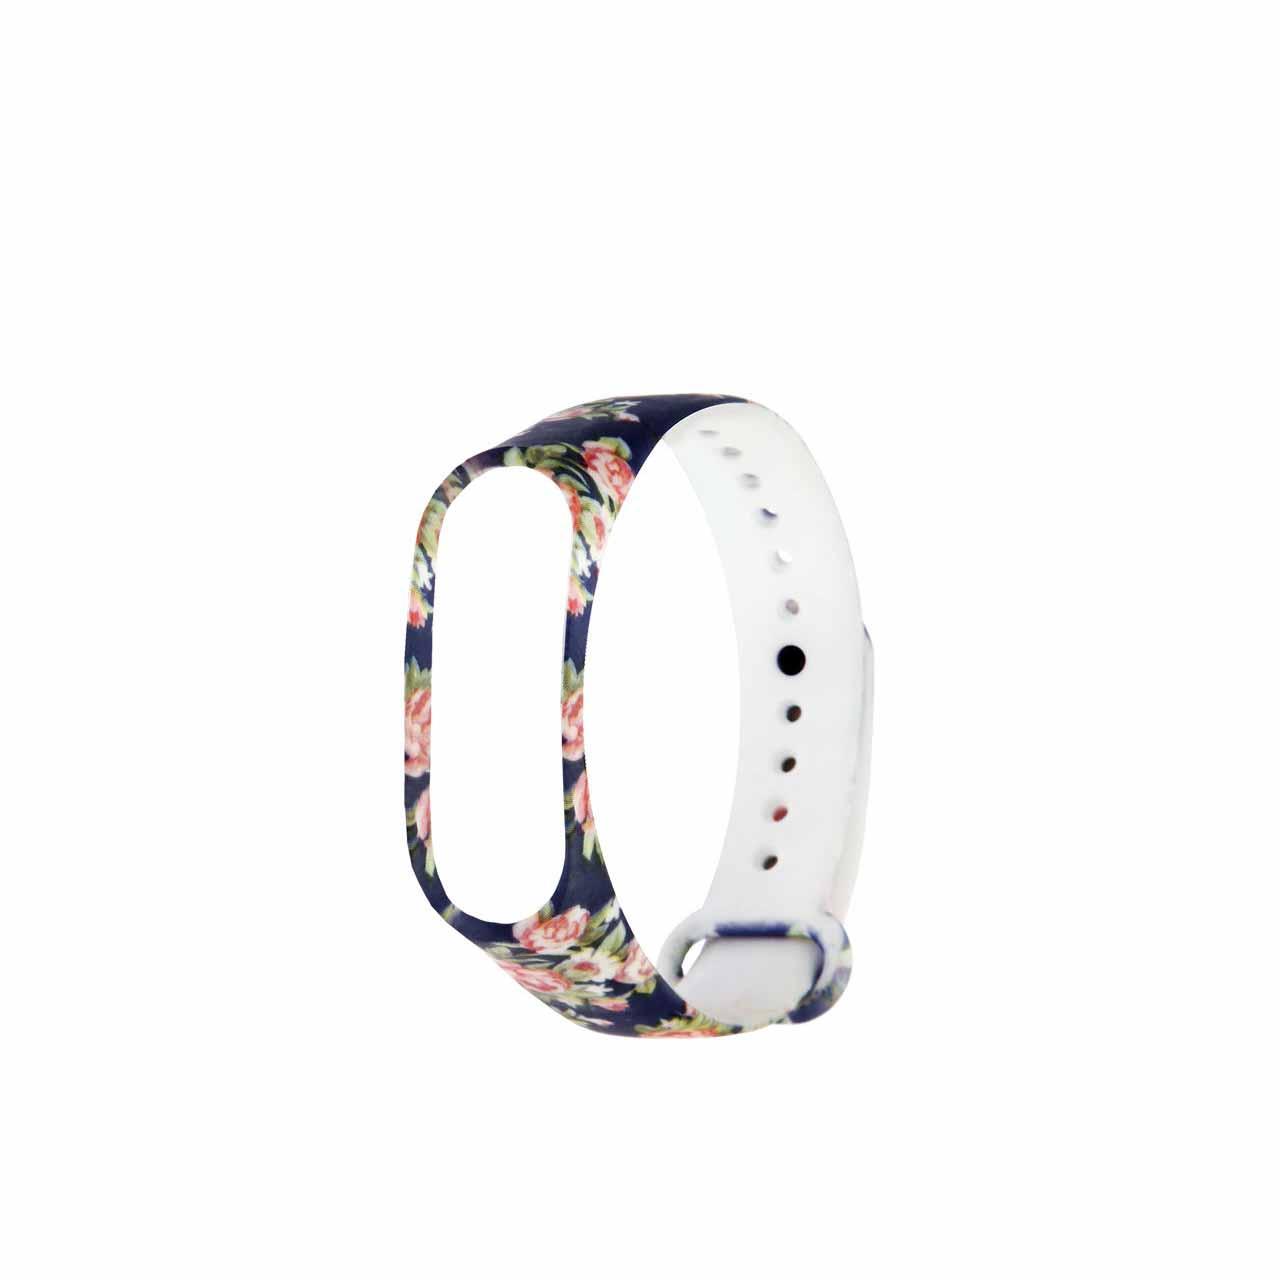 بند طرح گل مدل DBLU01 مناسب برای مچ بند هوشمند شیائومی Mi Band 3 /Mi Band 4